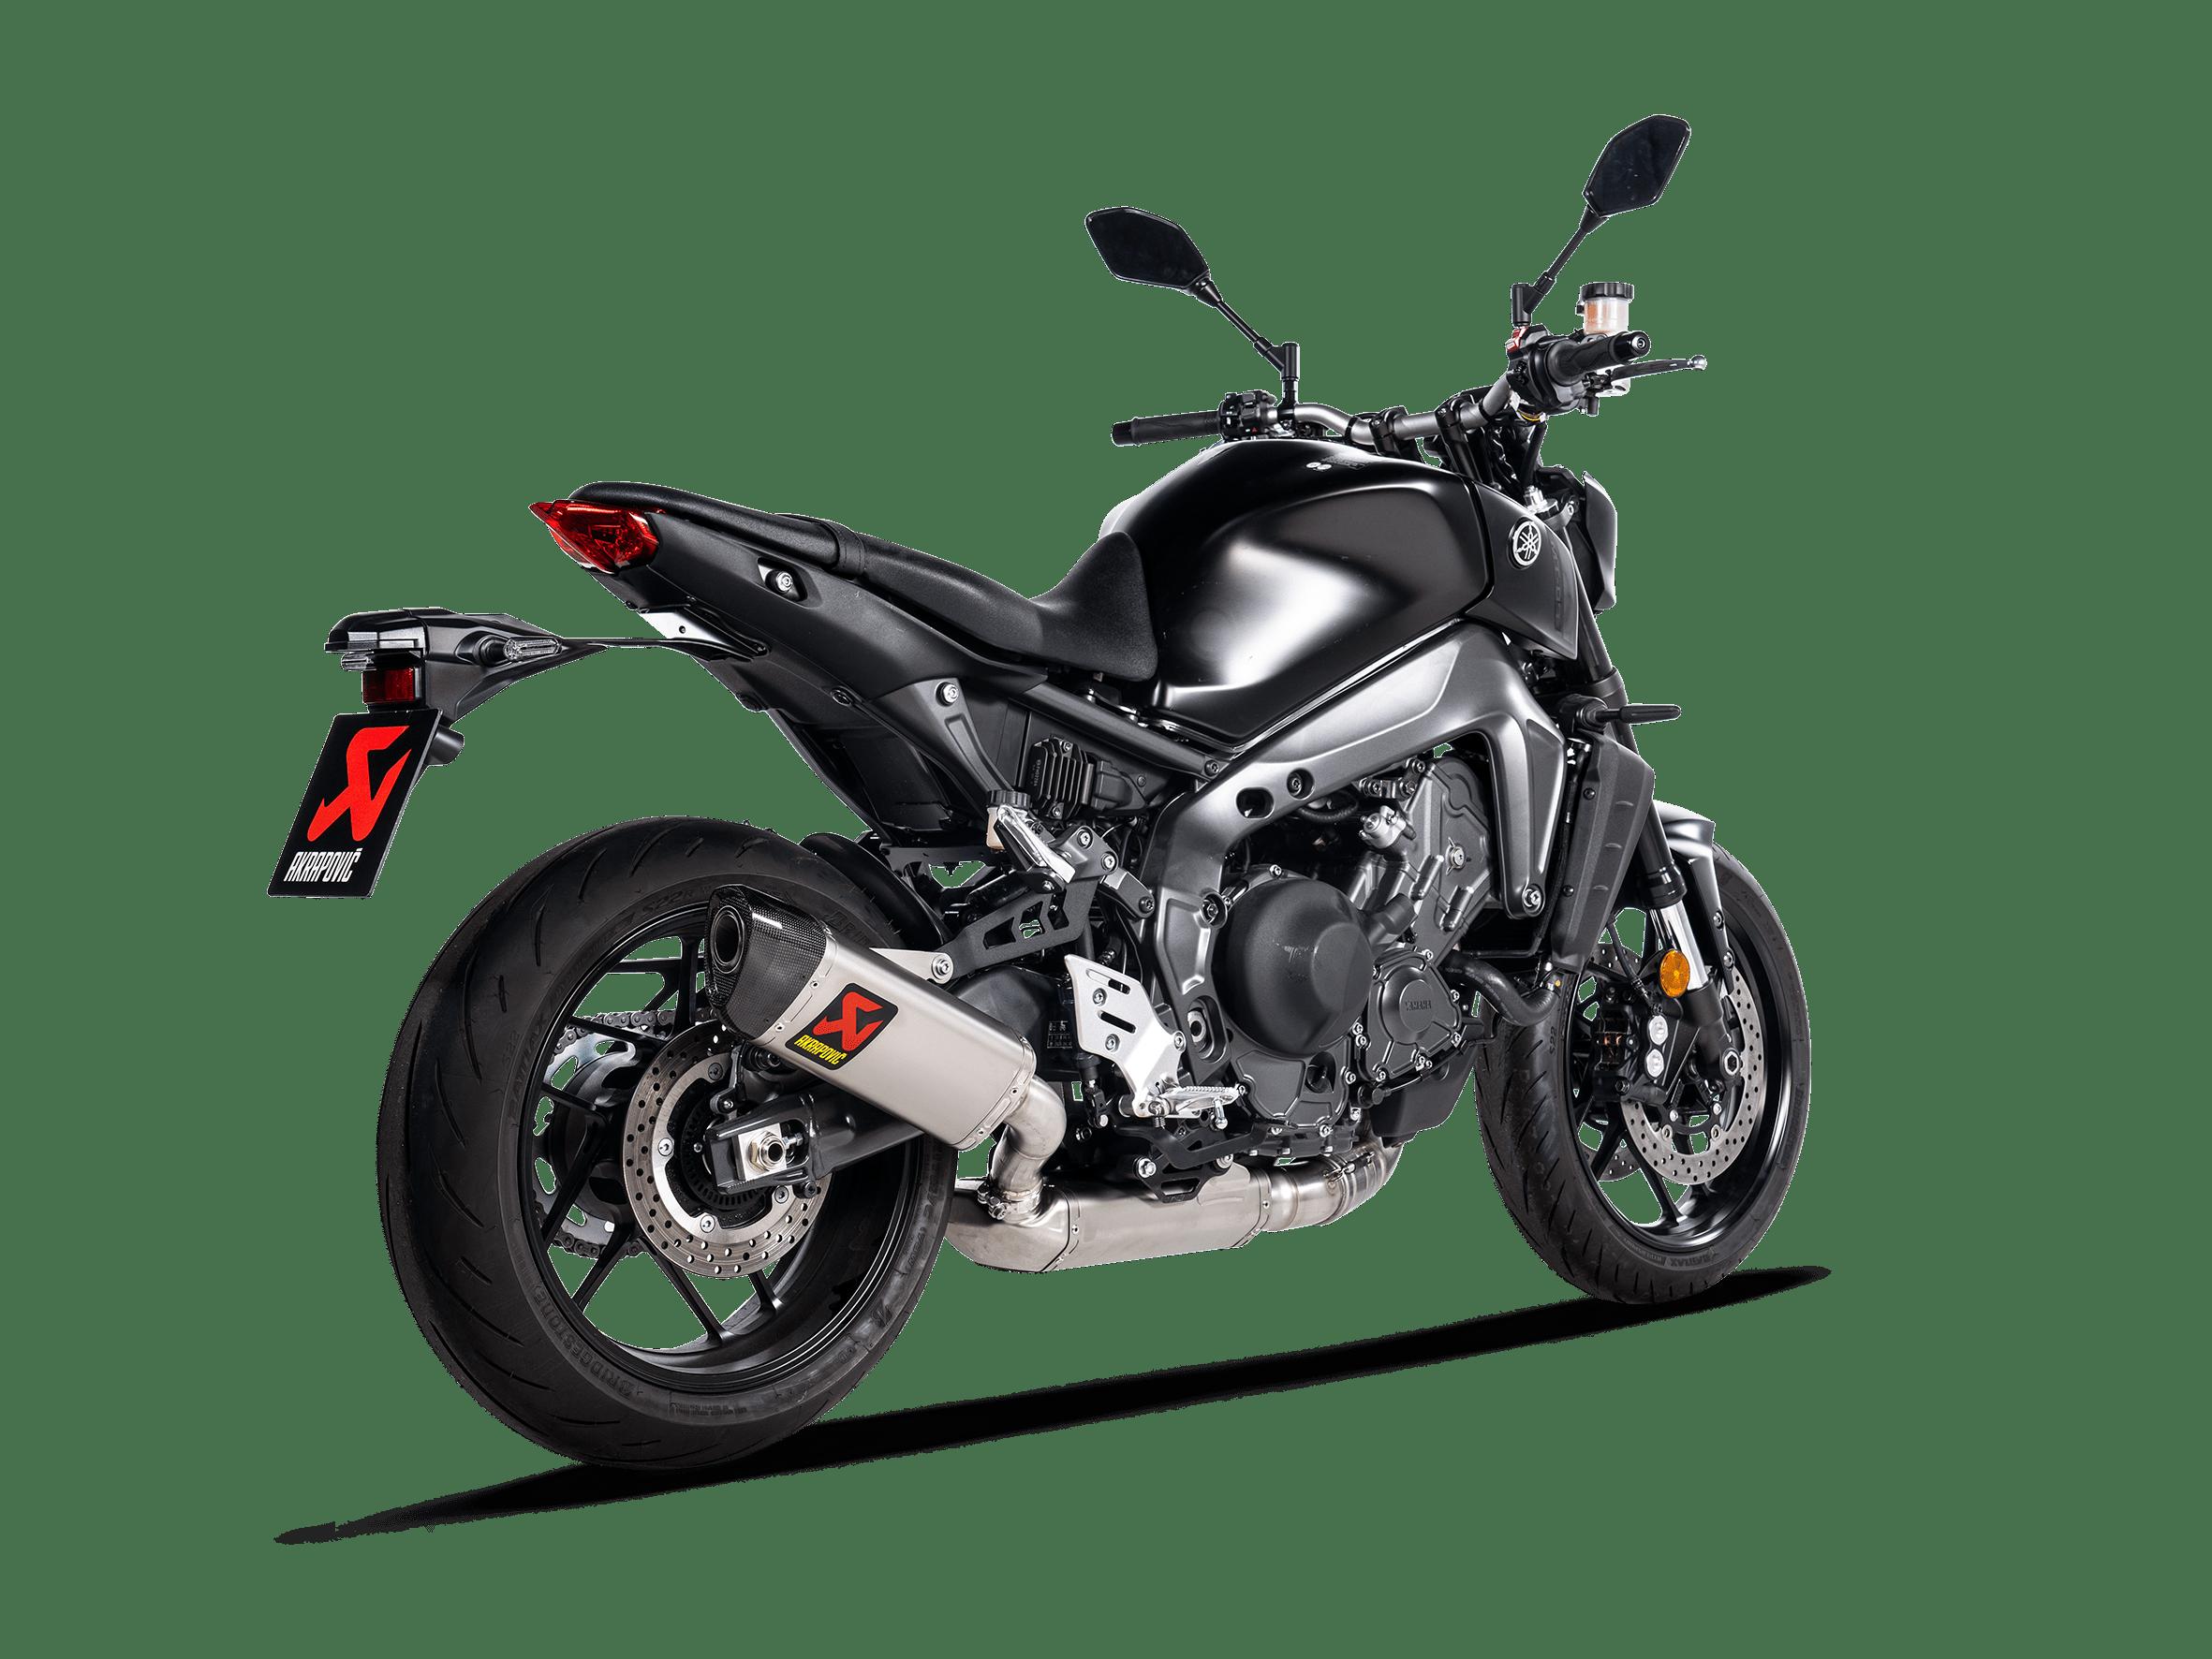 yamaha mt 09 fz 09 2021 racing line